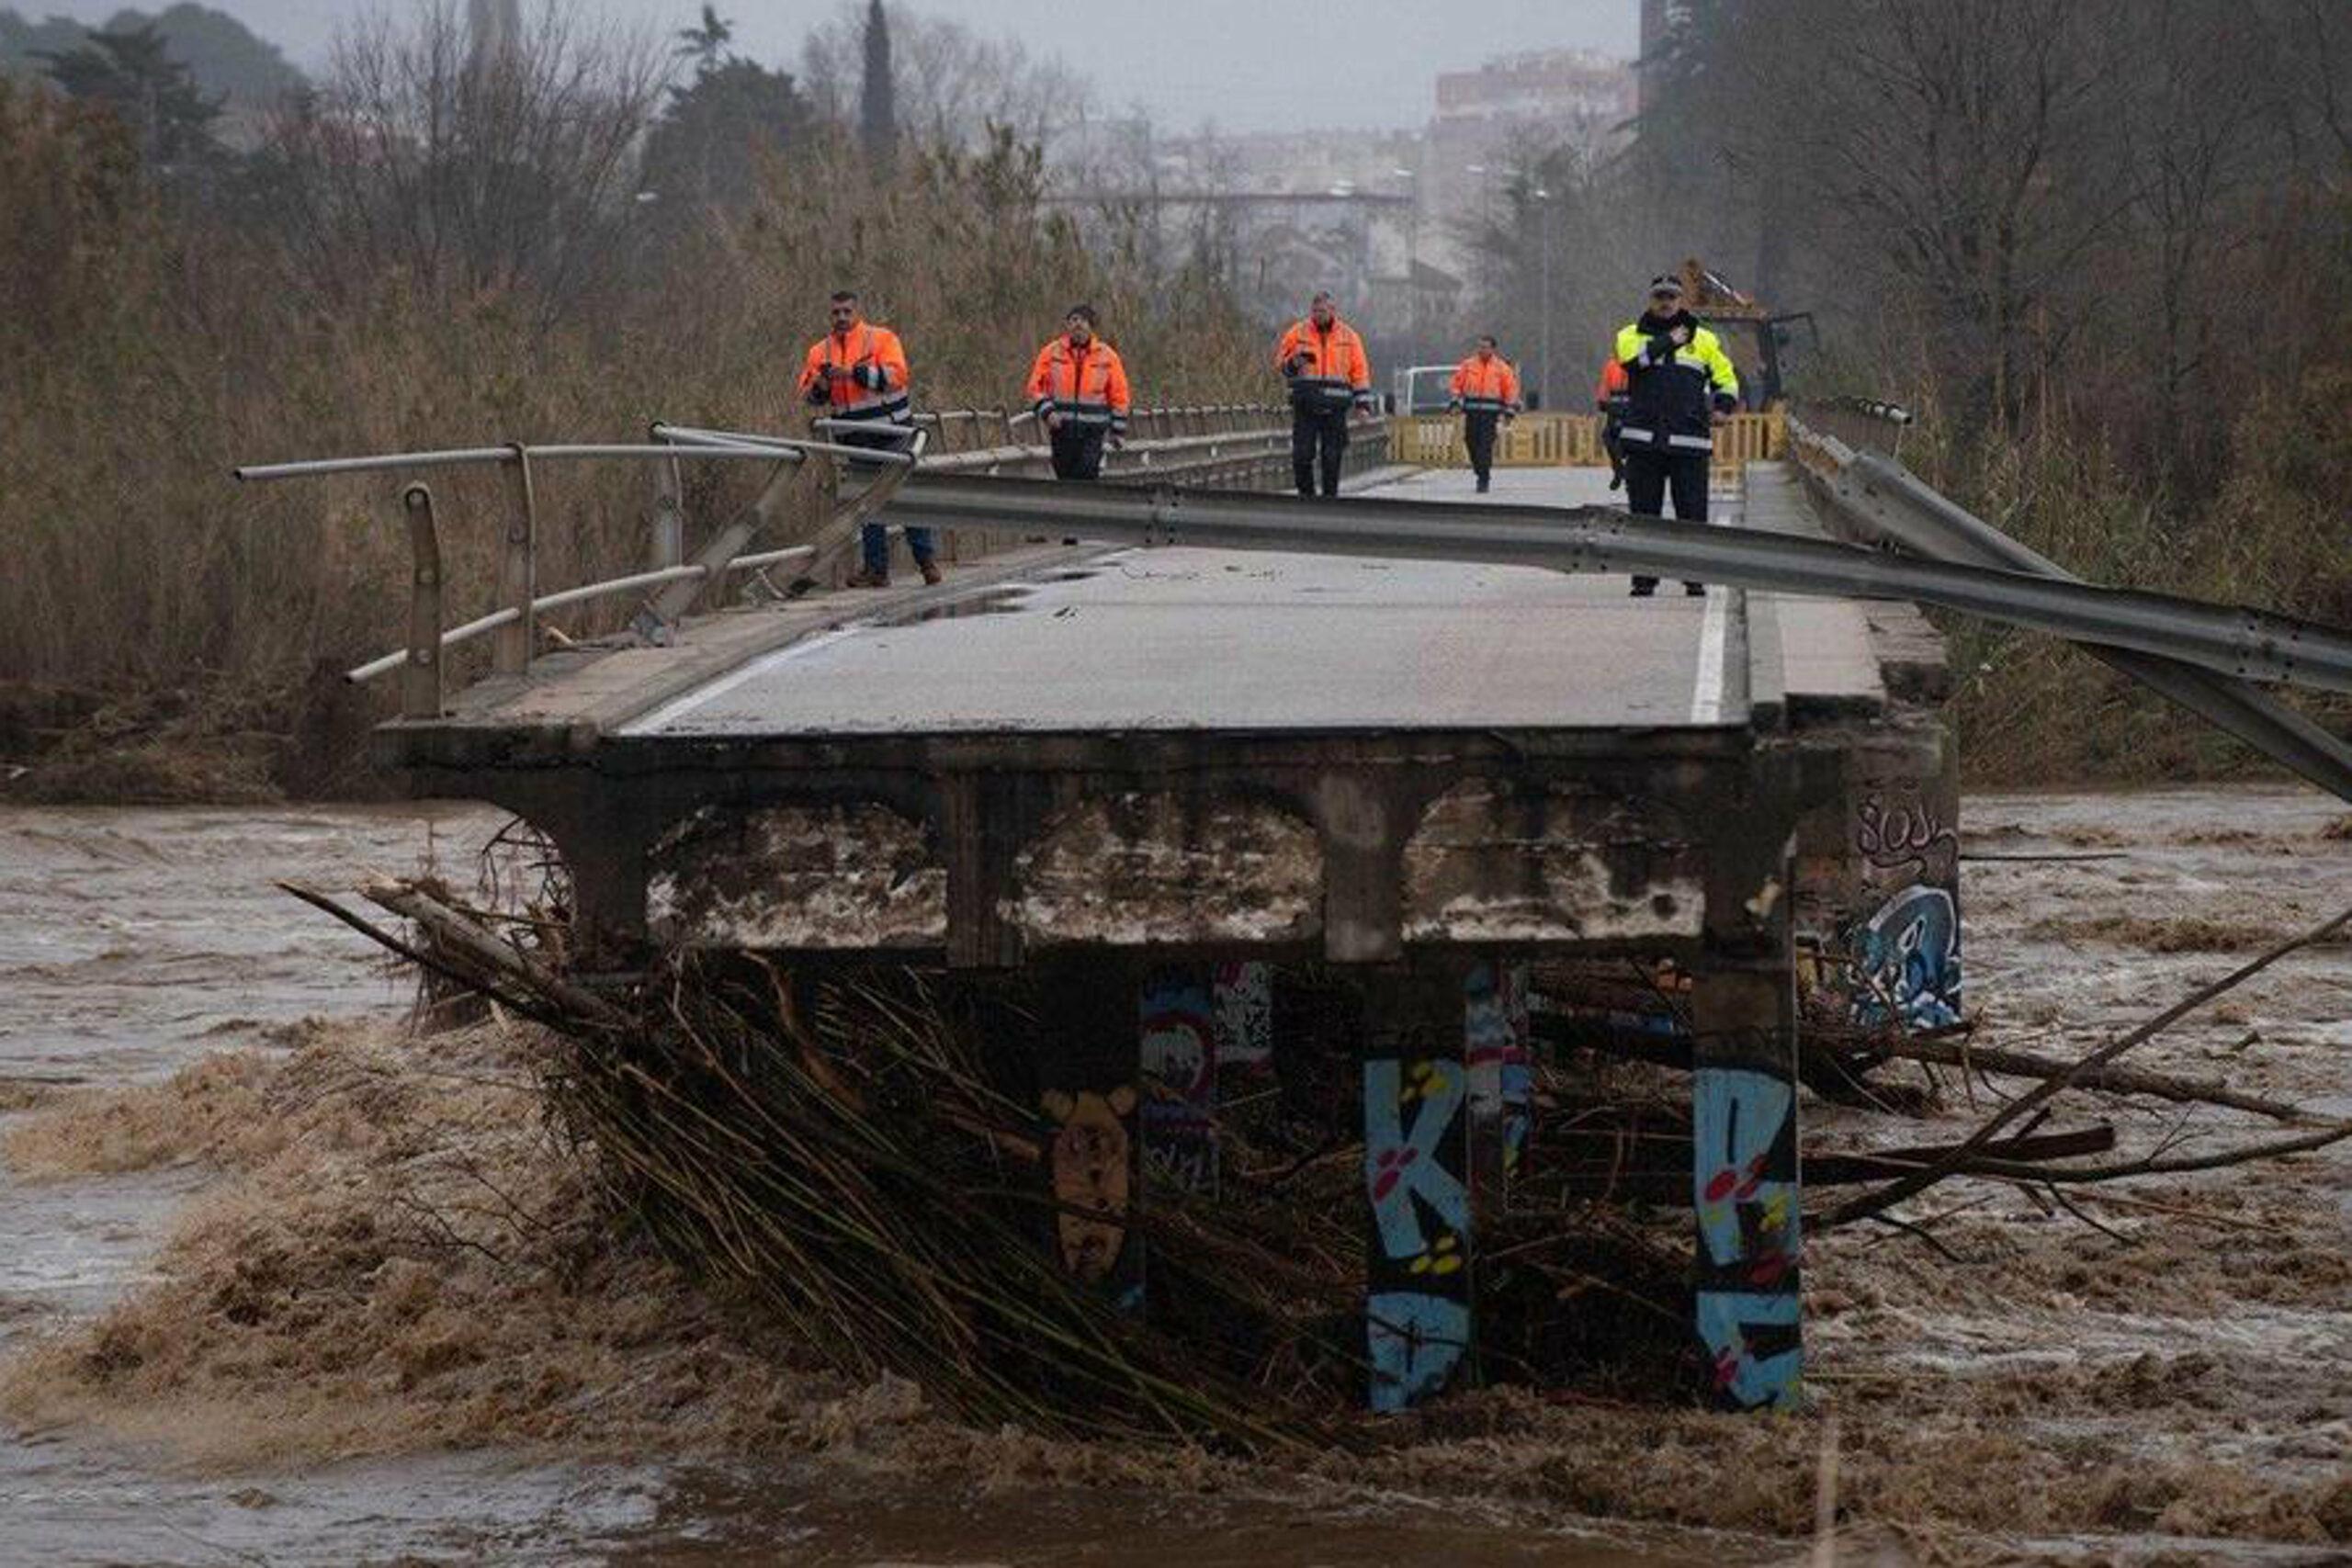 El pont col·lapsat sobre la Tordera després del temporal Gloria | ACN